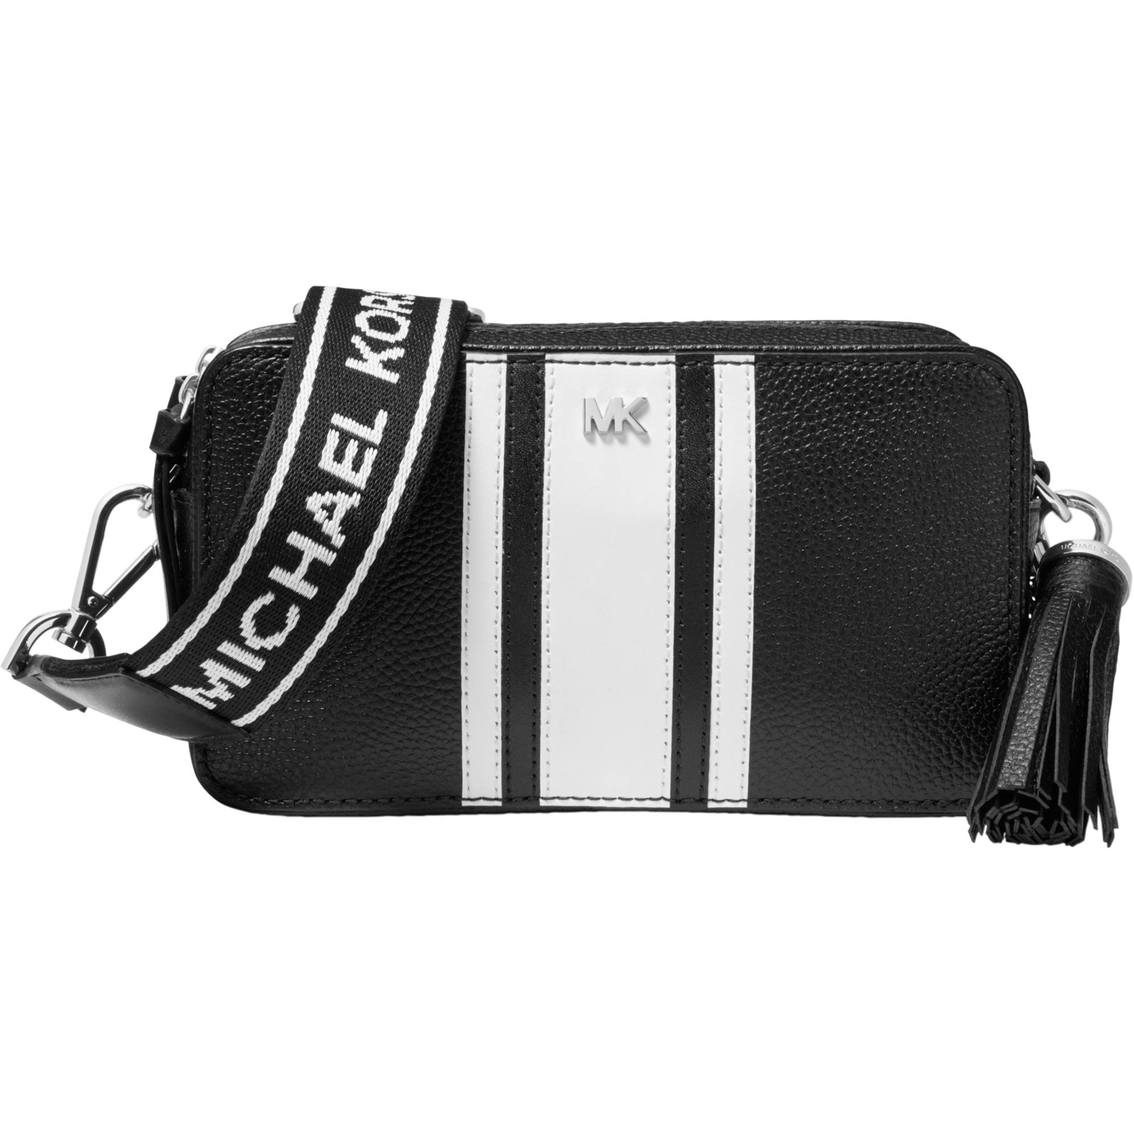 913542b96 Michael Kors Small Logo Tape Crossbody Camera Bag | Crossbody Bags ...